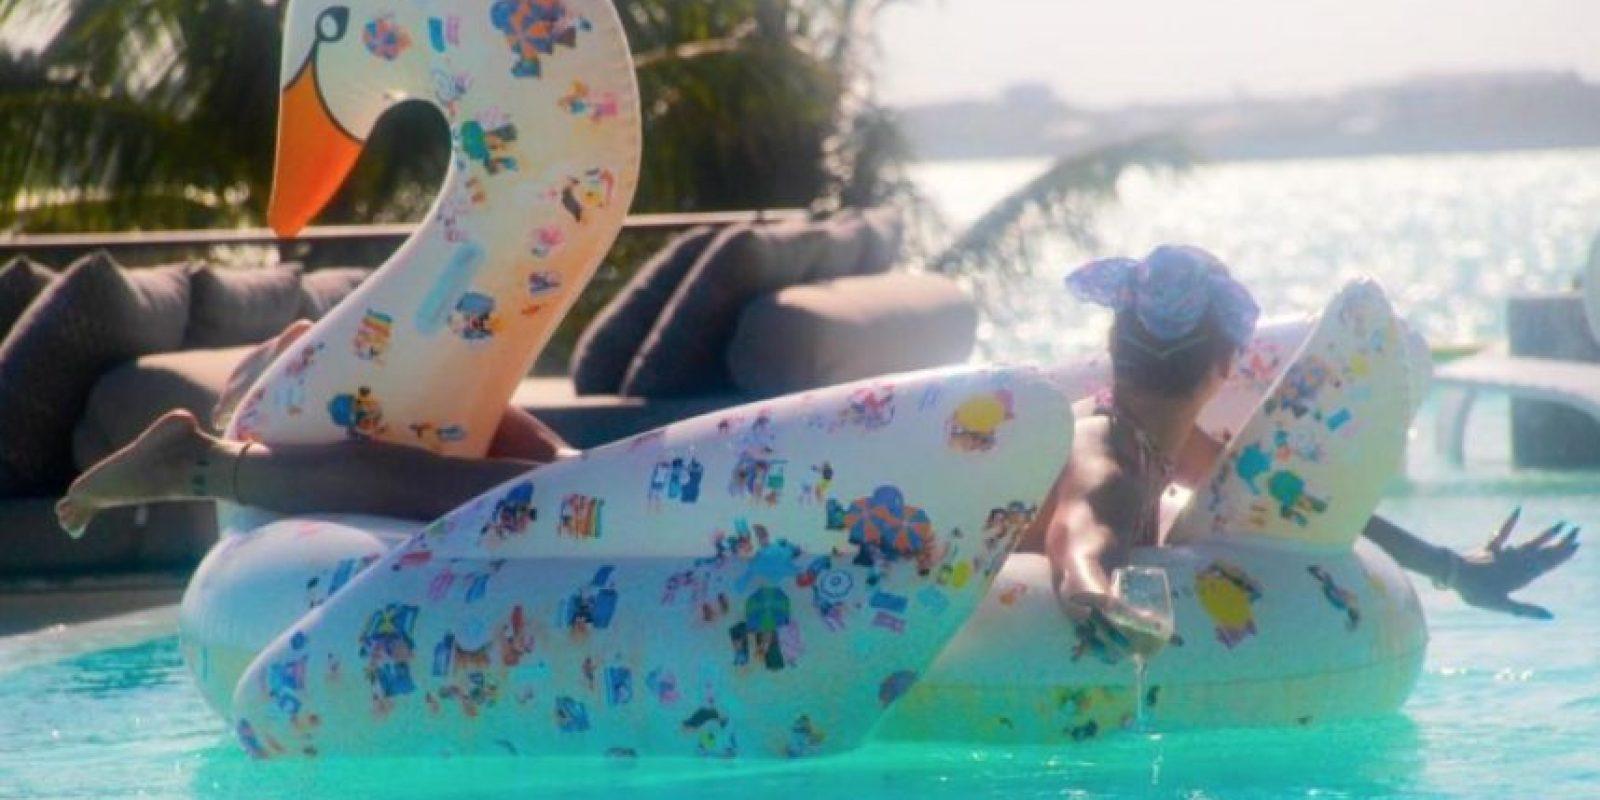 Posó en un ganso inflable en su piscina Foto:Vía Instagram/@mdollas11